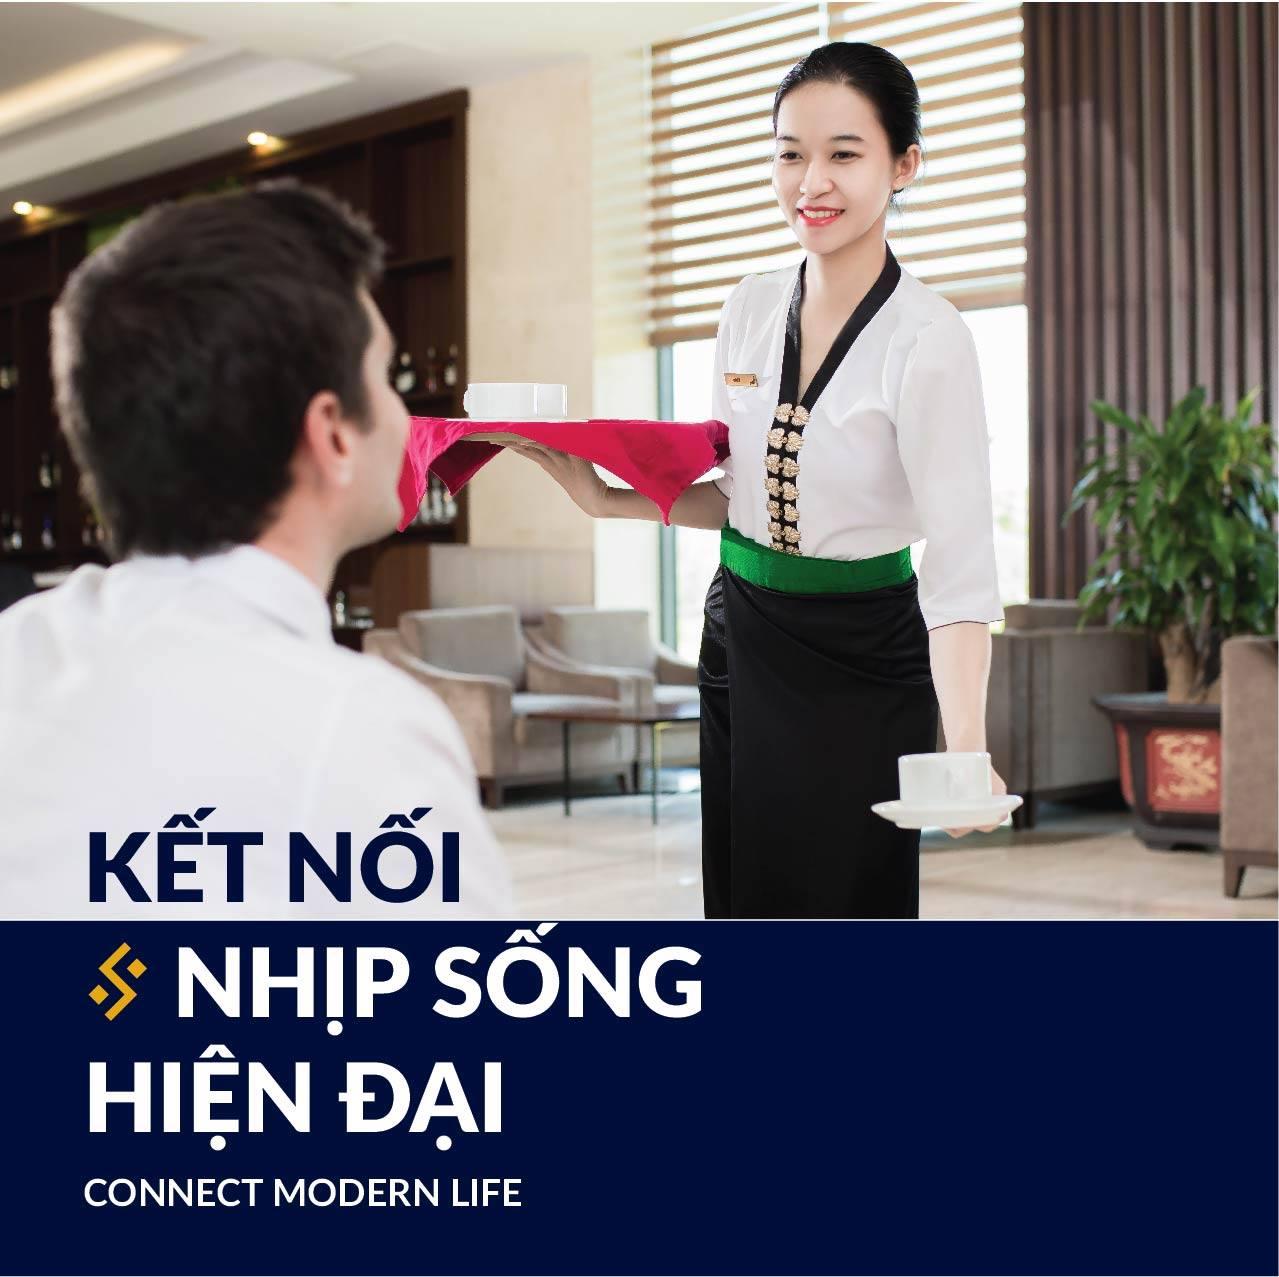 Tập đoàn khách sạn Mường Thanh ra mắt bộ phận nhận diện thương hiệu mới 'Bản sắc Việt - Bản sắc Mường Thanh'